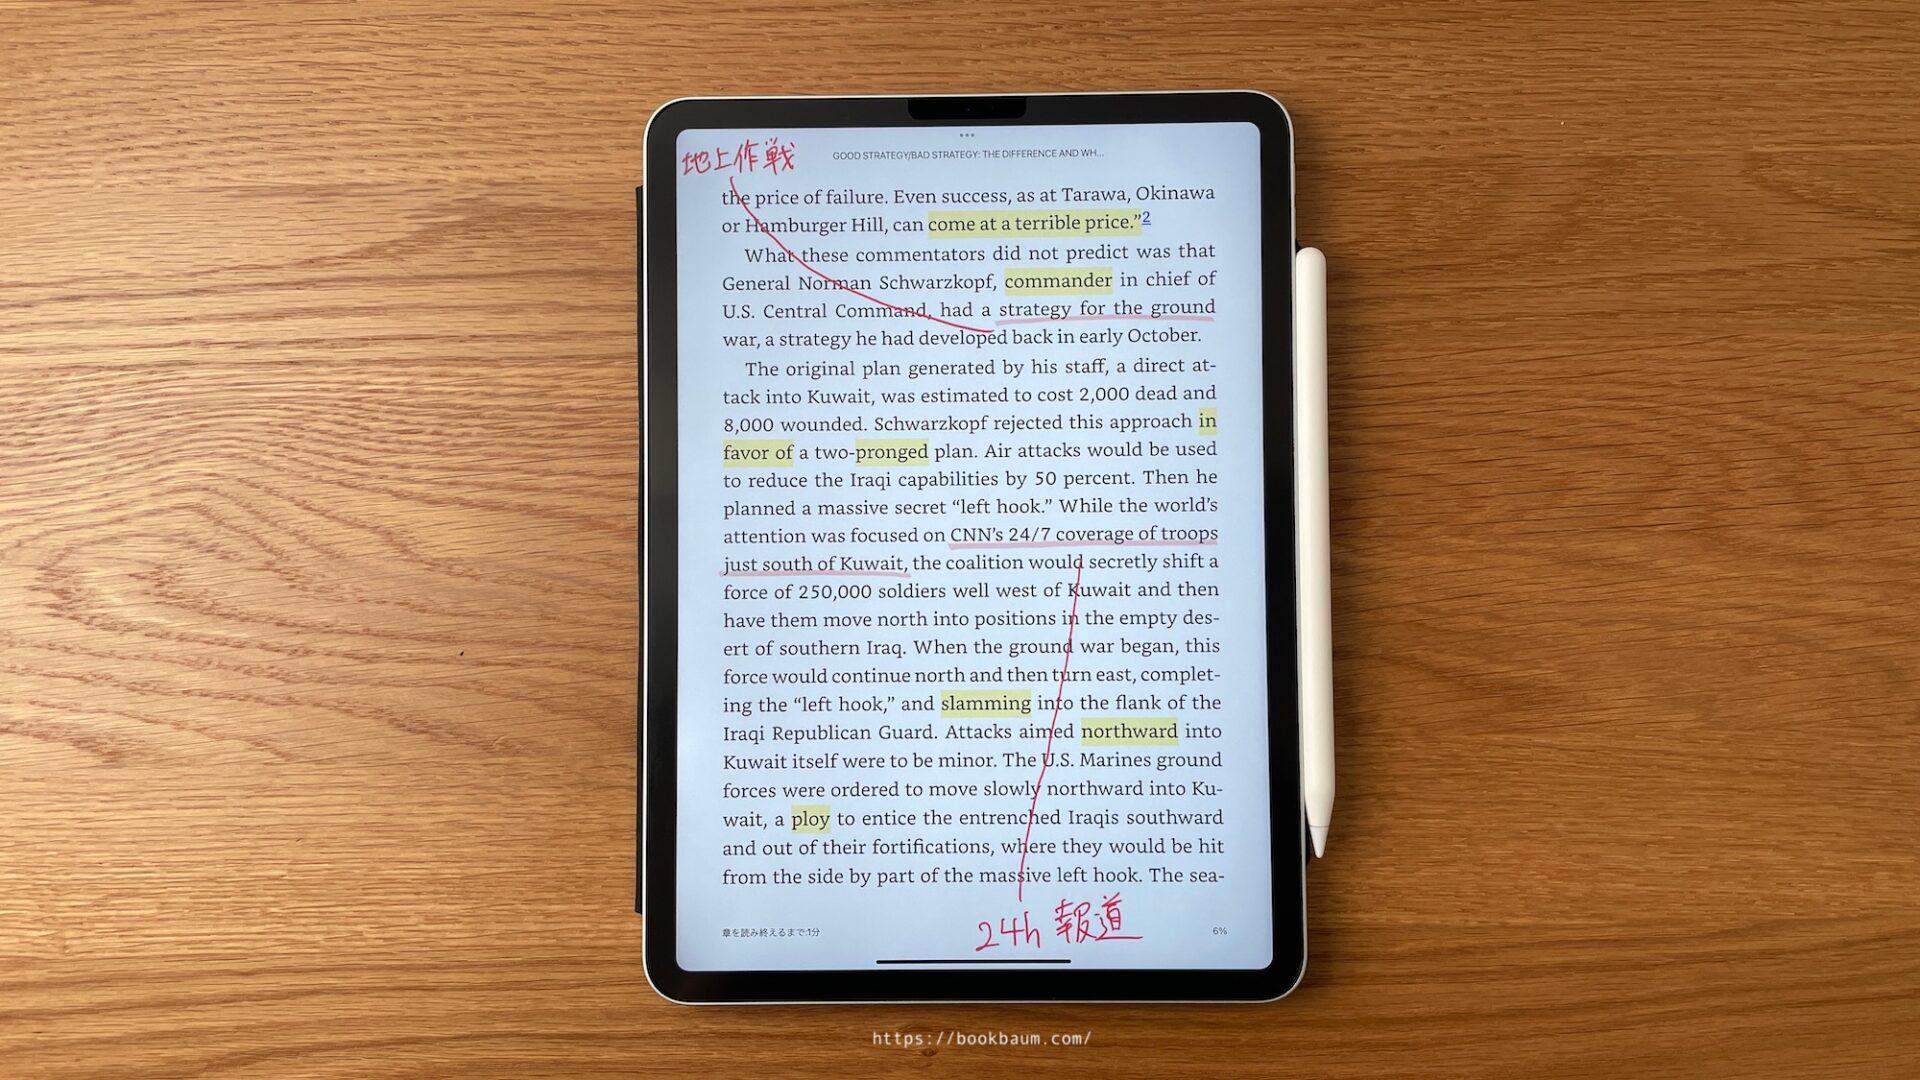 Kindleなどの電子書籍に手書きメモを書き込む方法。